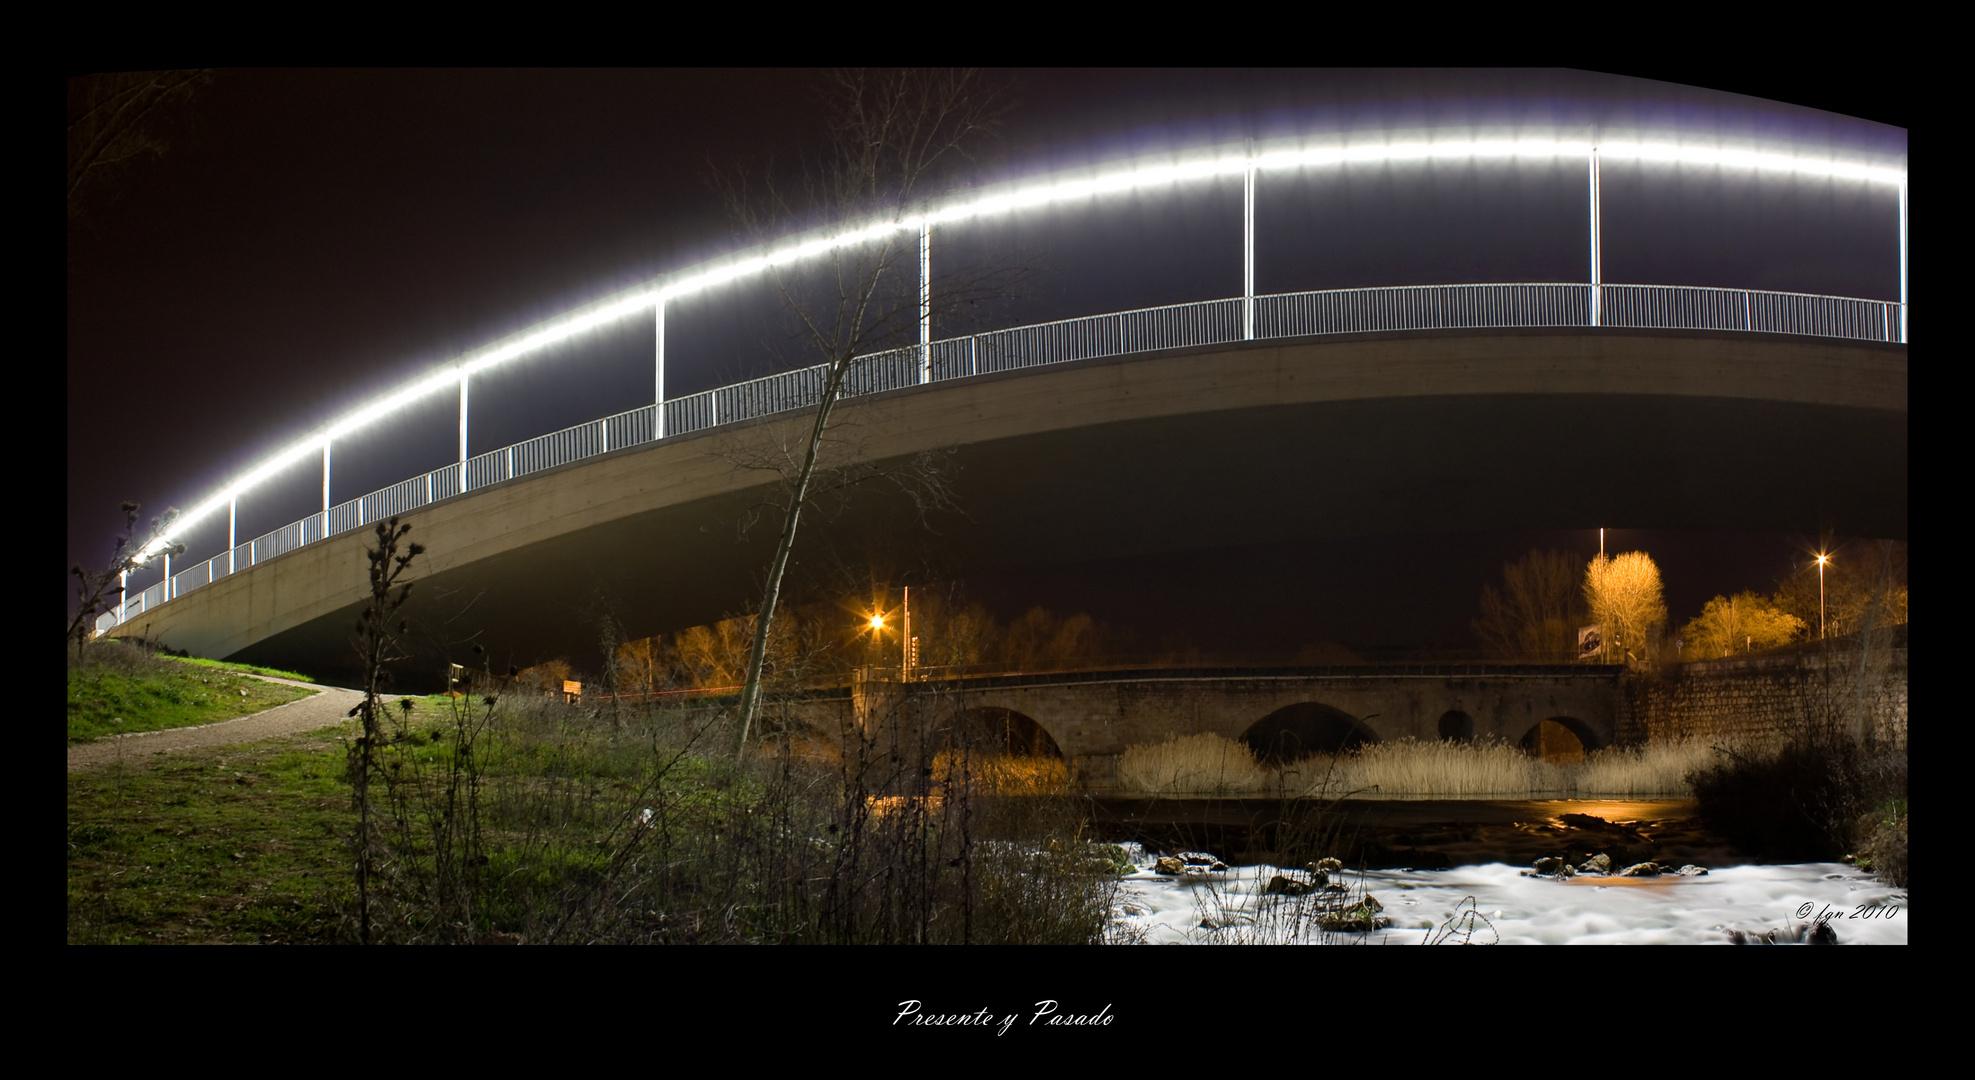 Puentes sobre el rio Henares. Guadalajara.